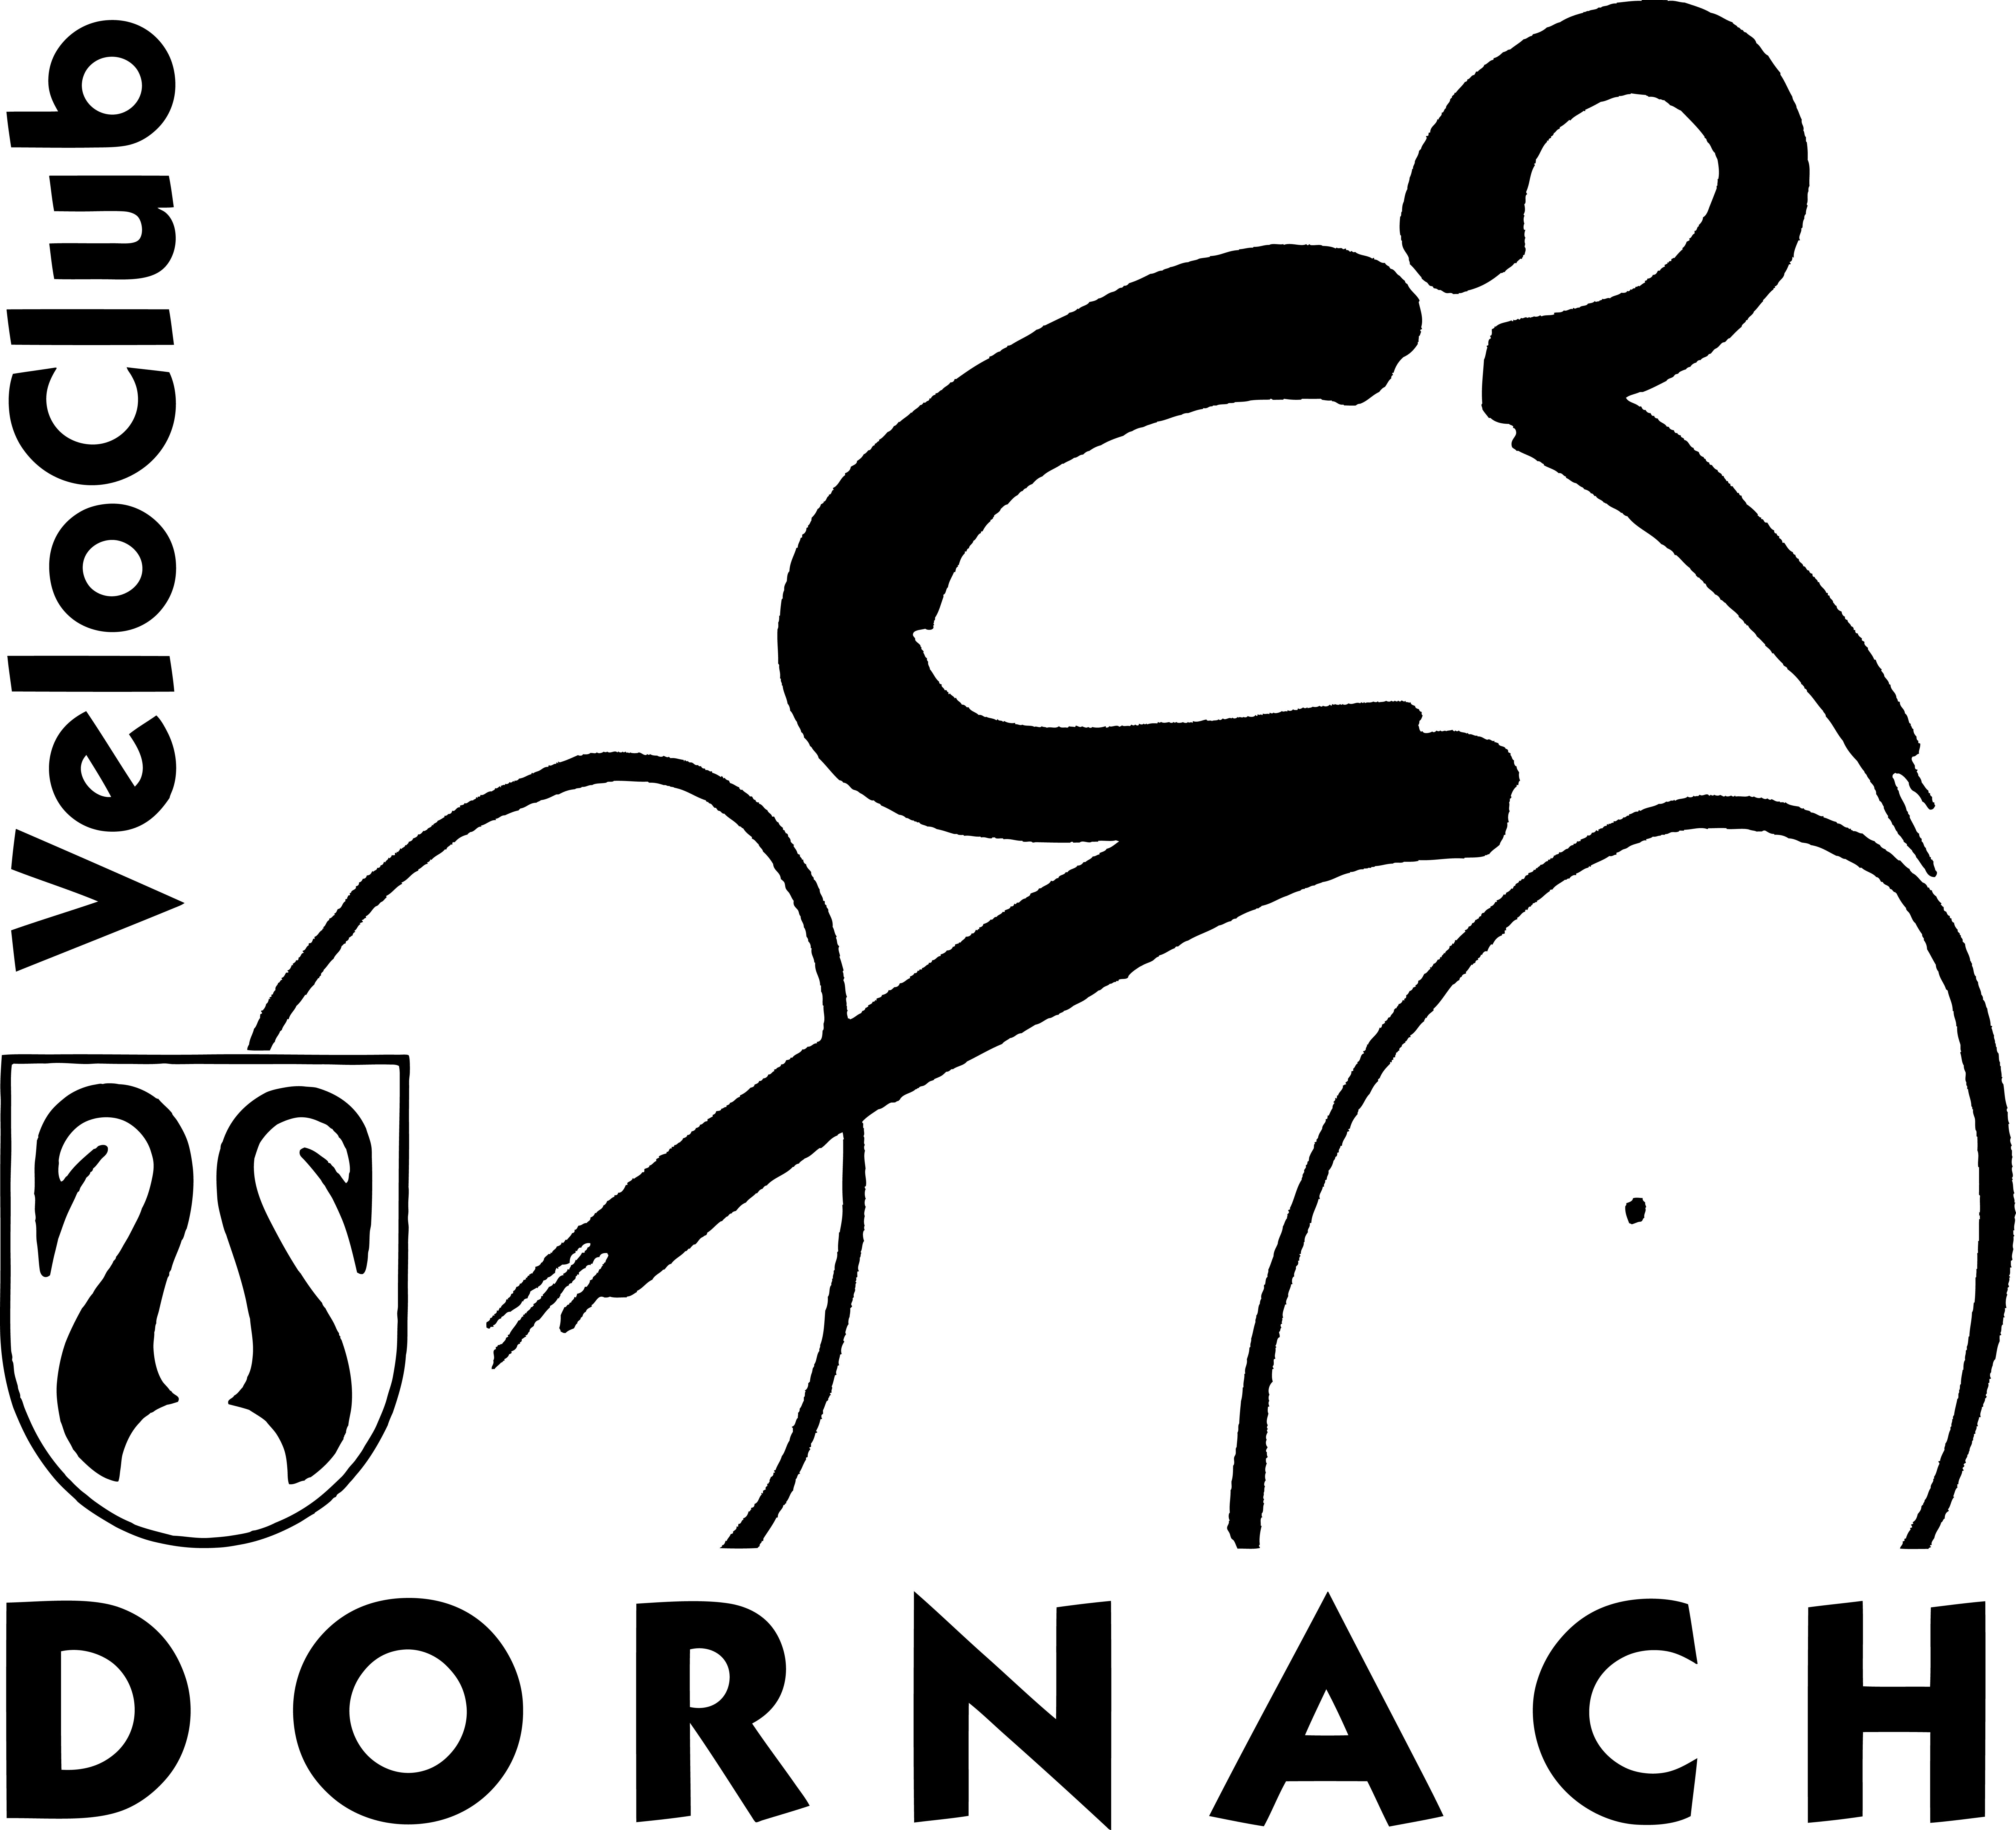 VeloClub Dornach